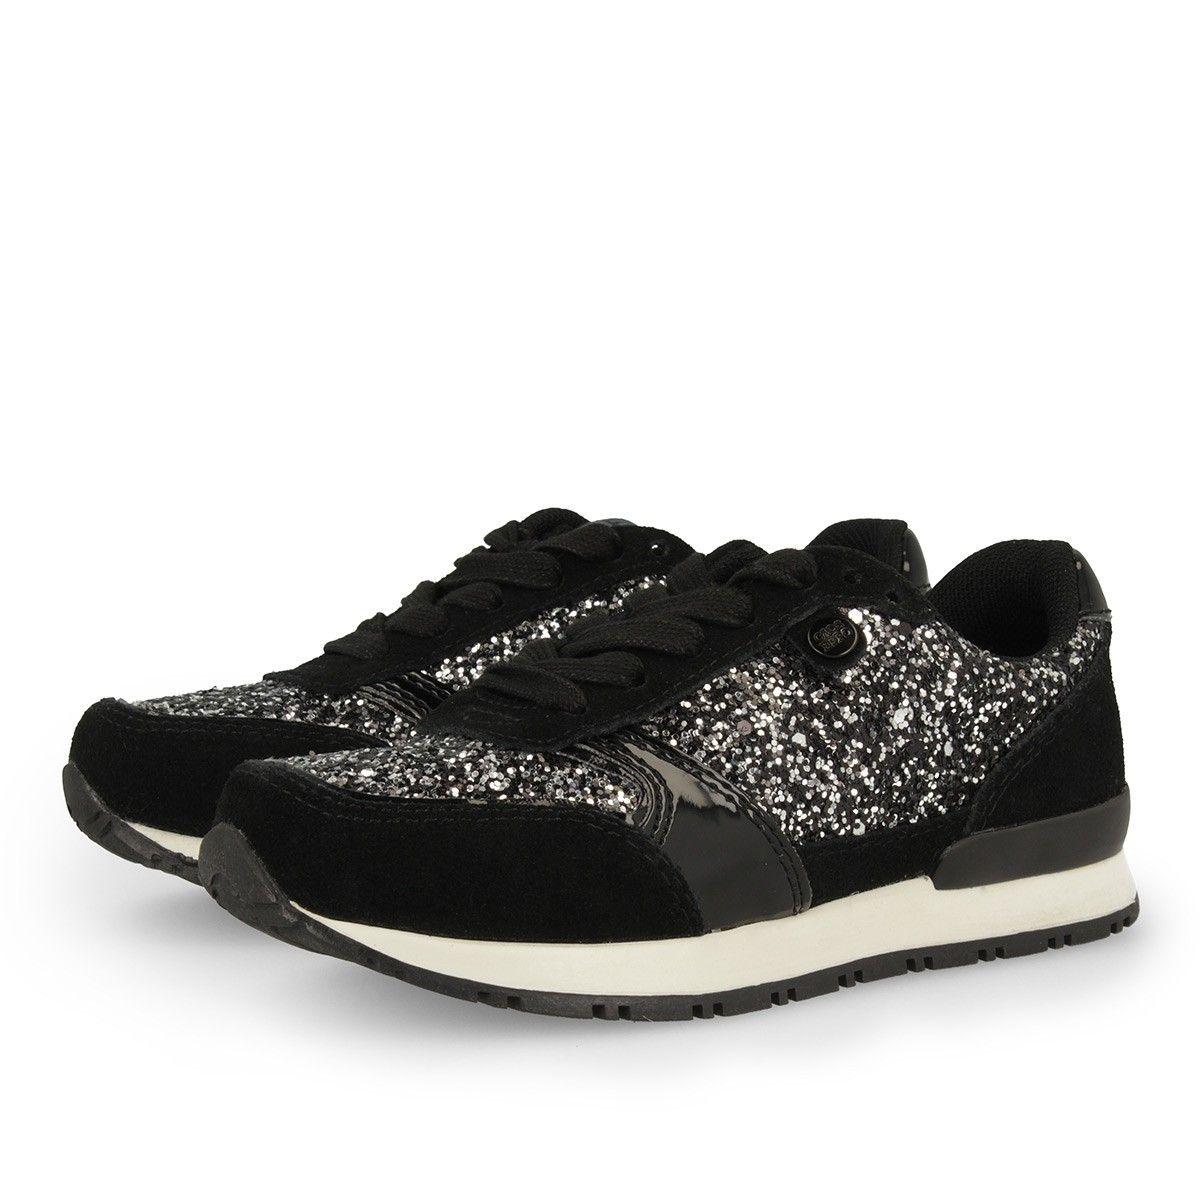 ff6d53ee Zapatillas deportivas en negro. Combinación de texturas en piel y con  efecto purpurina. Cierre con cordones. Corte combinado en piel y en  sintético.